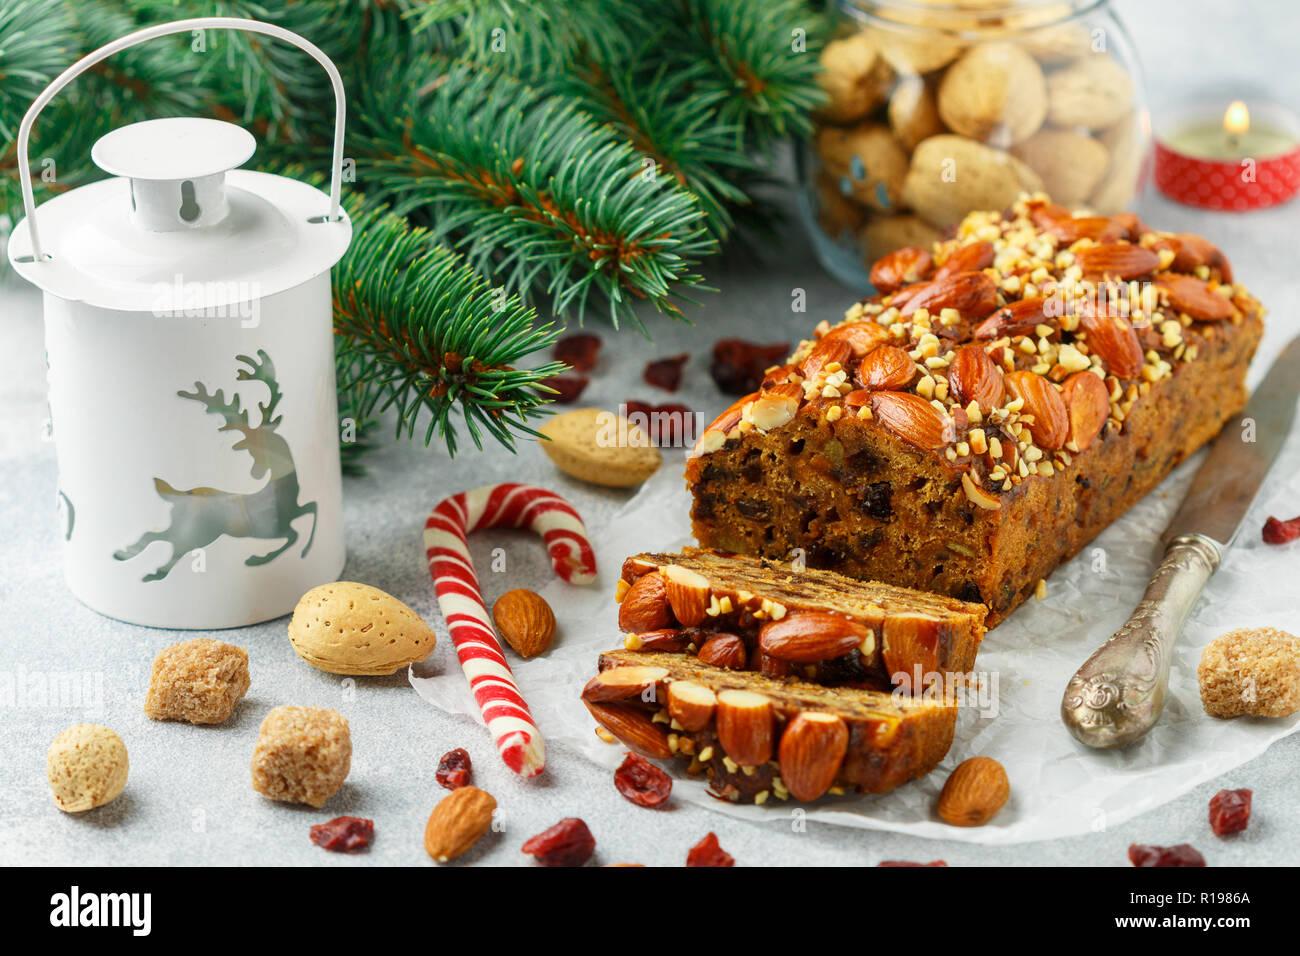 Obstkuchen. Traditionelle weihnachtliche Kuchen mit Mandeln, getrocknete Cranberries, Zimt, Kardamom, Anis, Nelken. Für das neue Jahr. Selektiver Fokus Stockbild